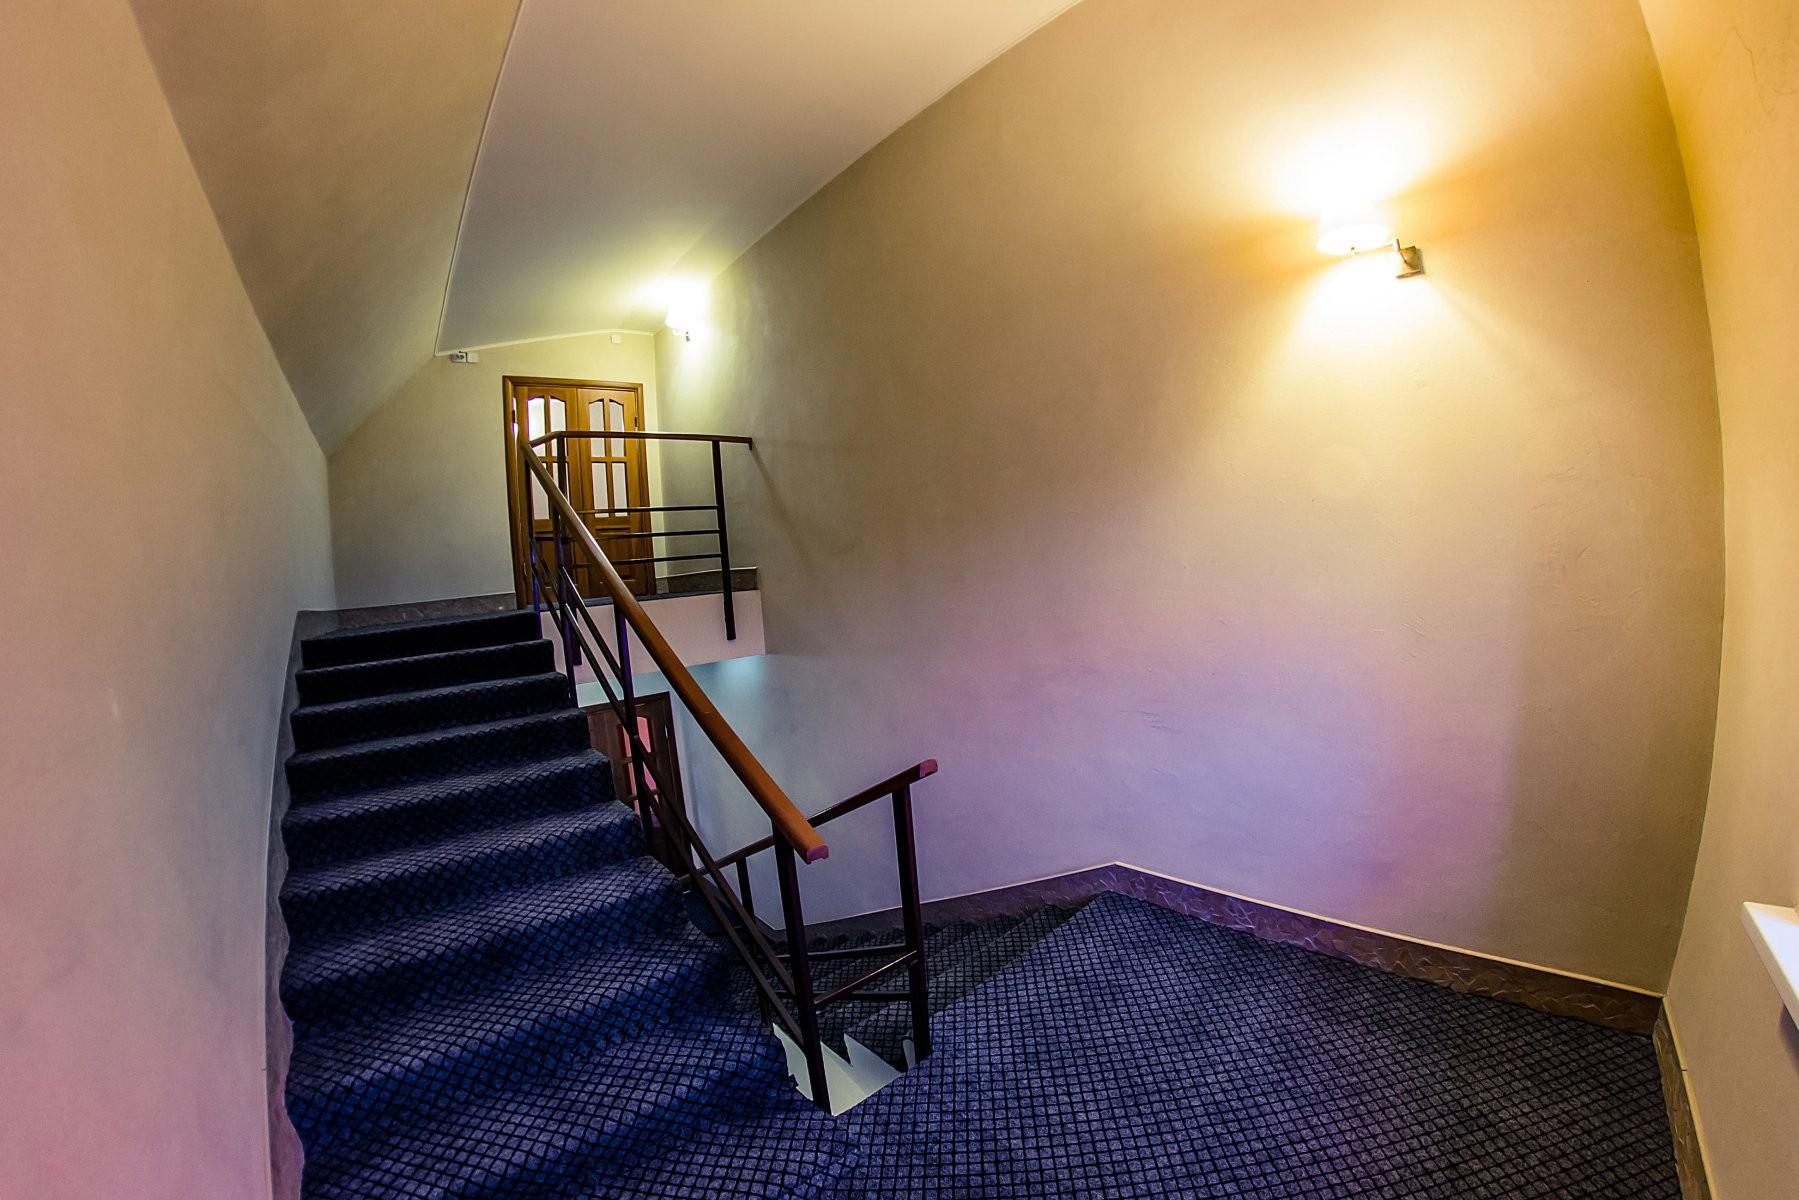 Kemi, гостиничный комплекс - №1